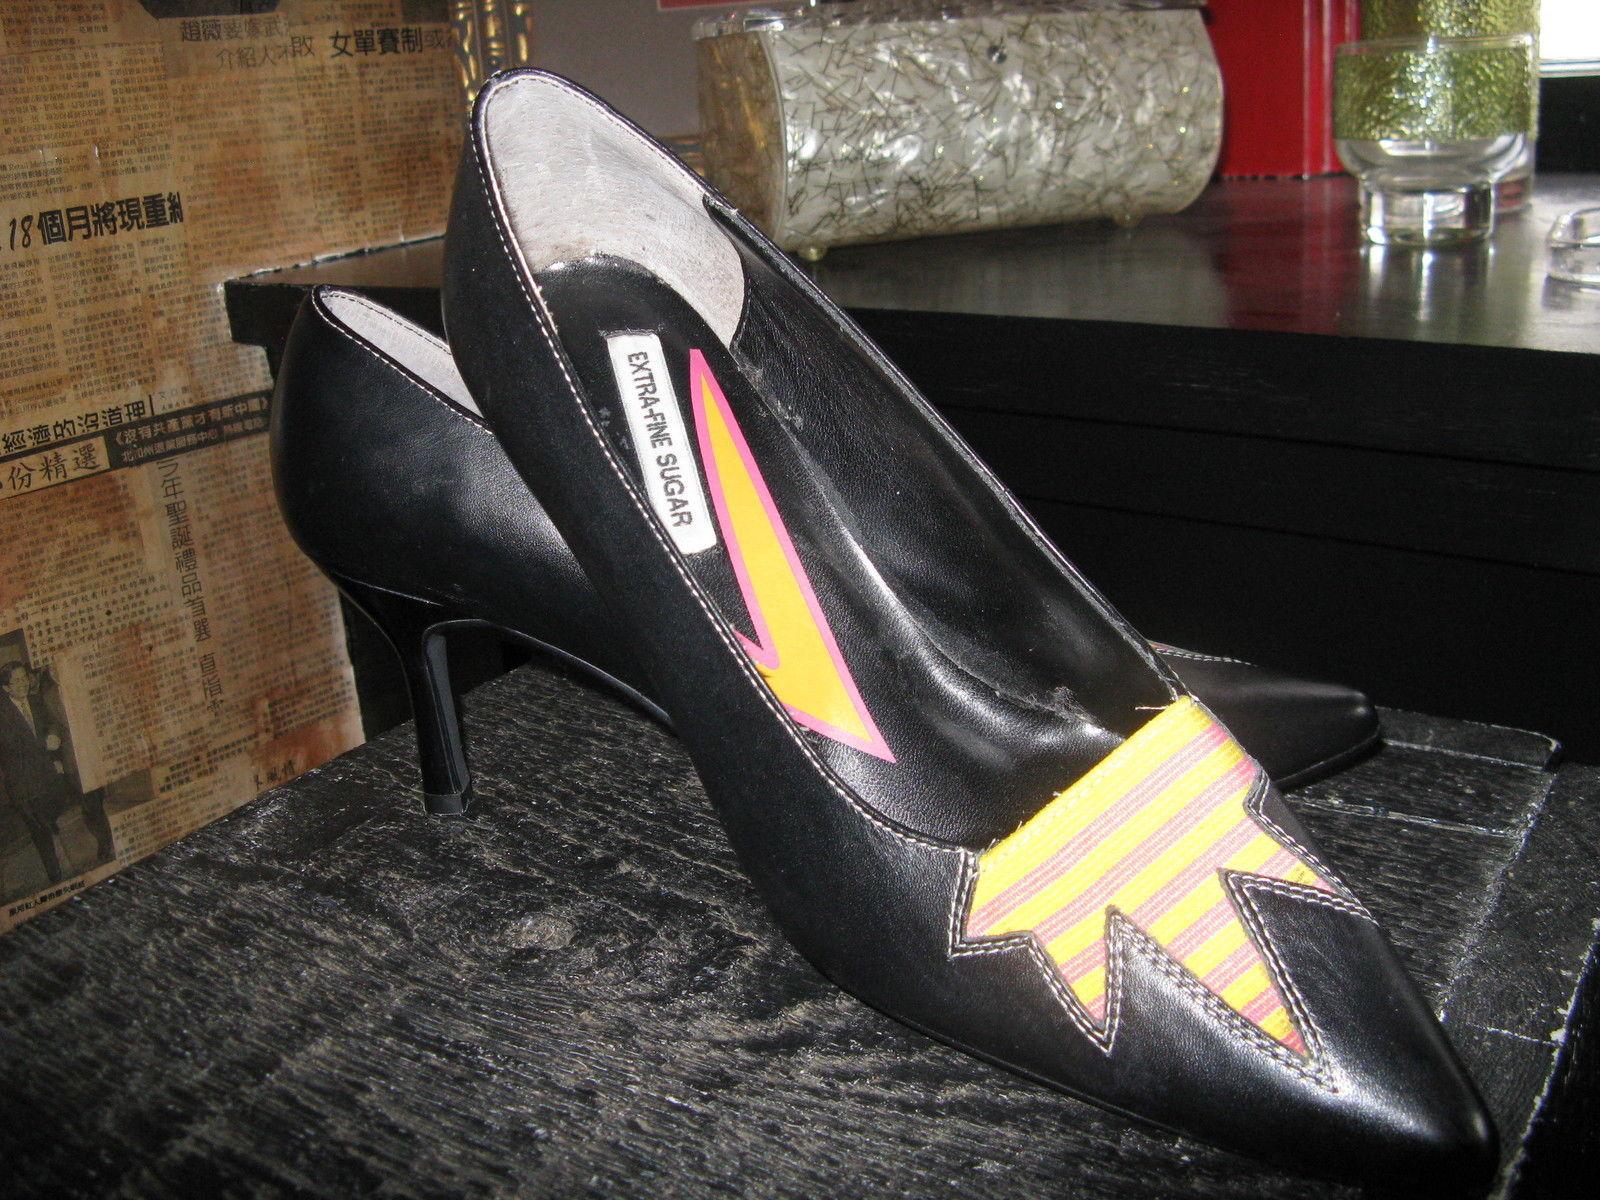 Extra-Fine Sugar punk grunge new wave lightning stiletto heels shoes 7 UK5 38